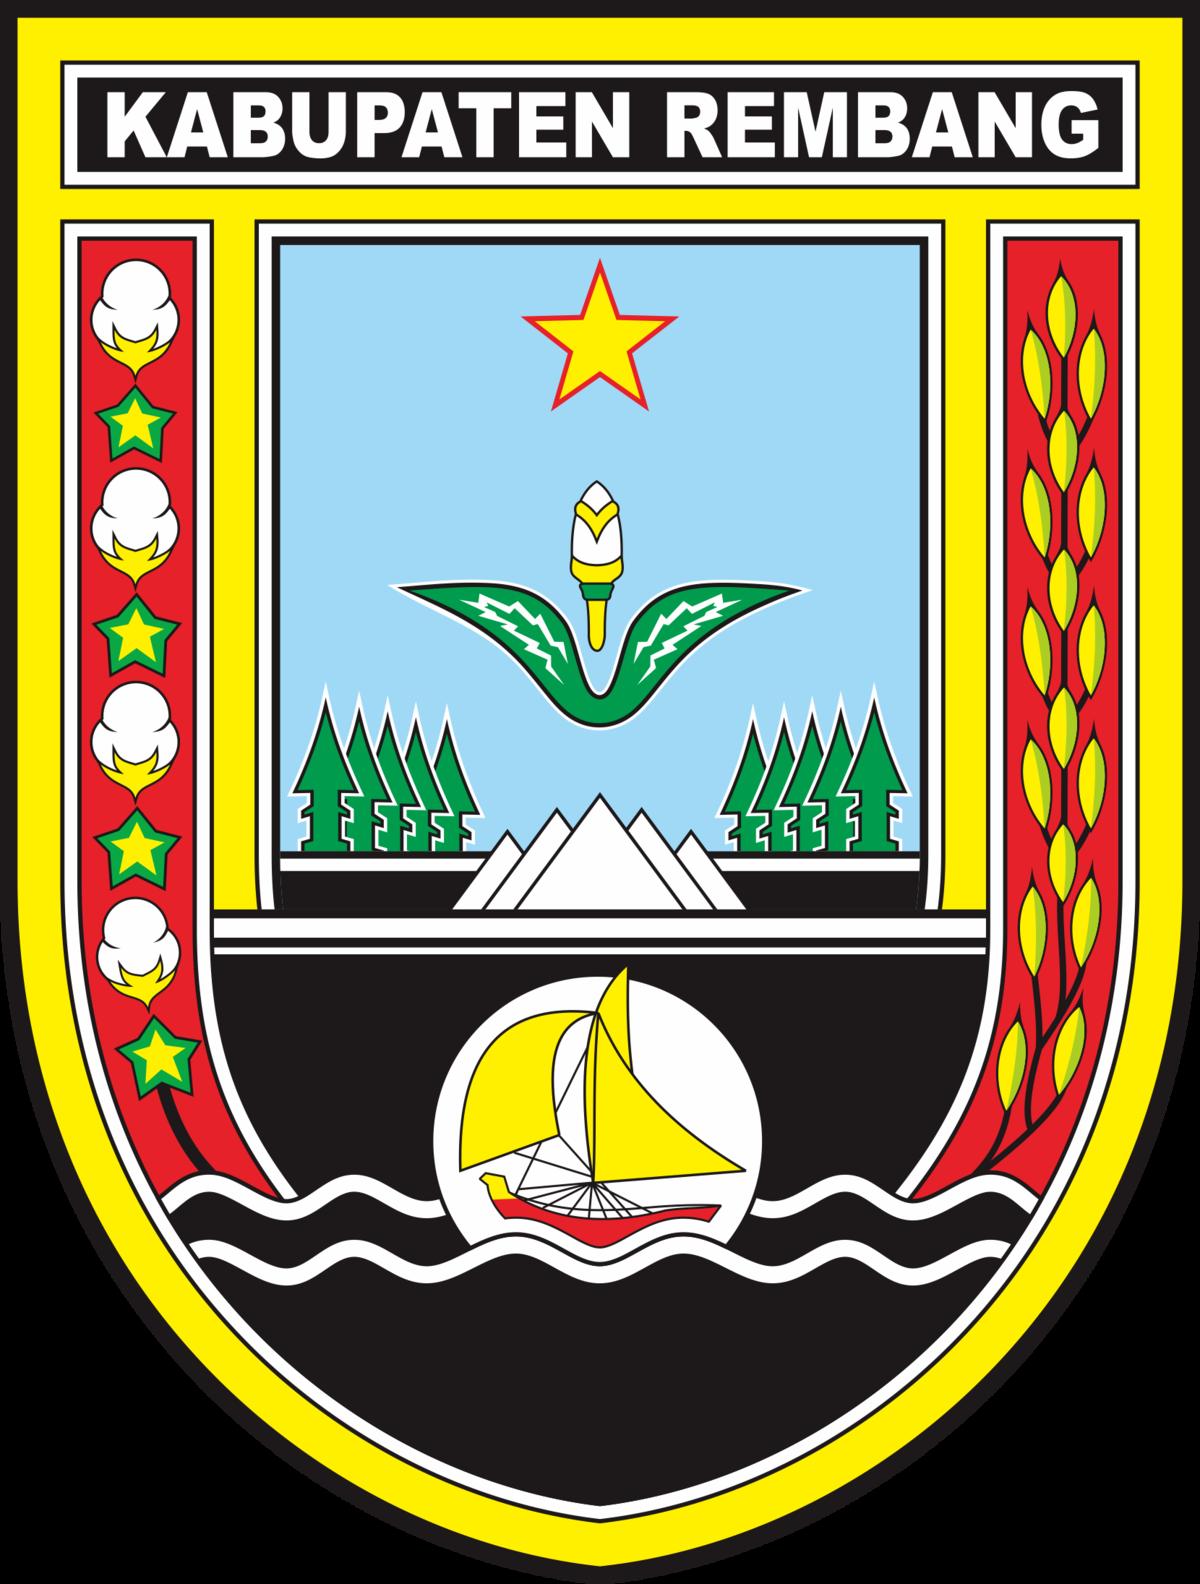 Kabupaten Rembang Wikipedia Bahasa Indonesia Ensiklopedia Bebas Taman Wisata Sumber